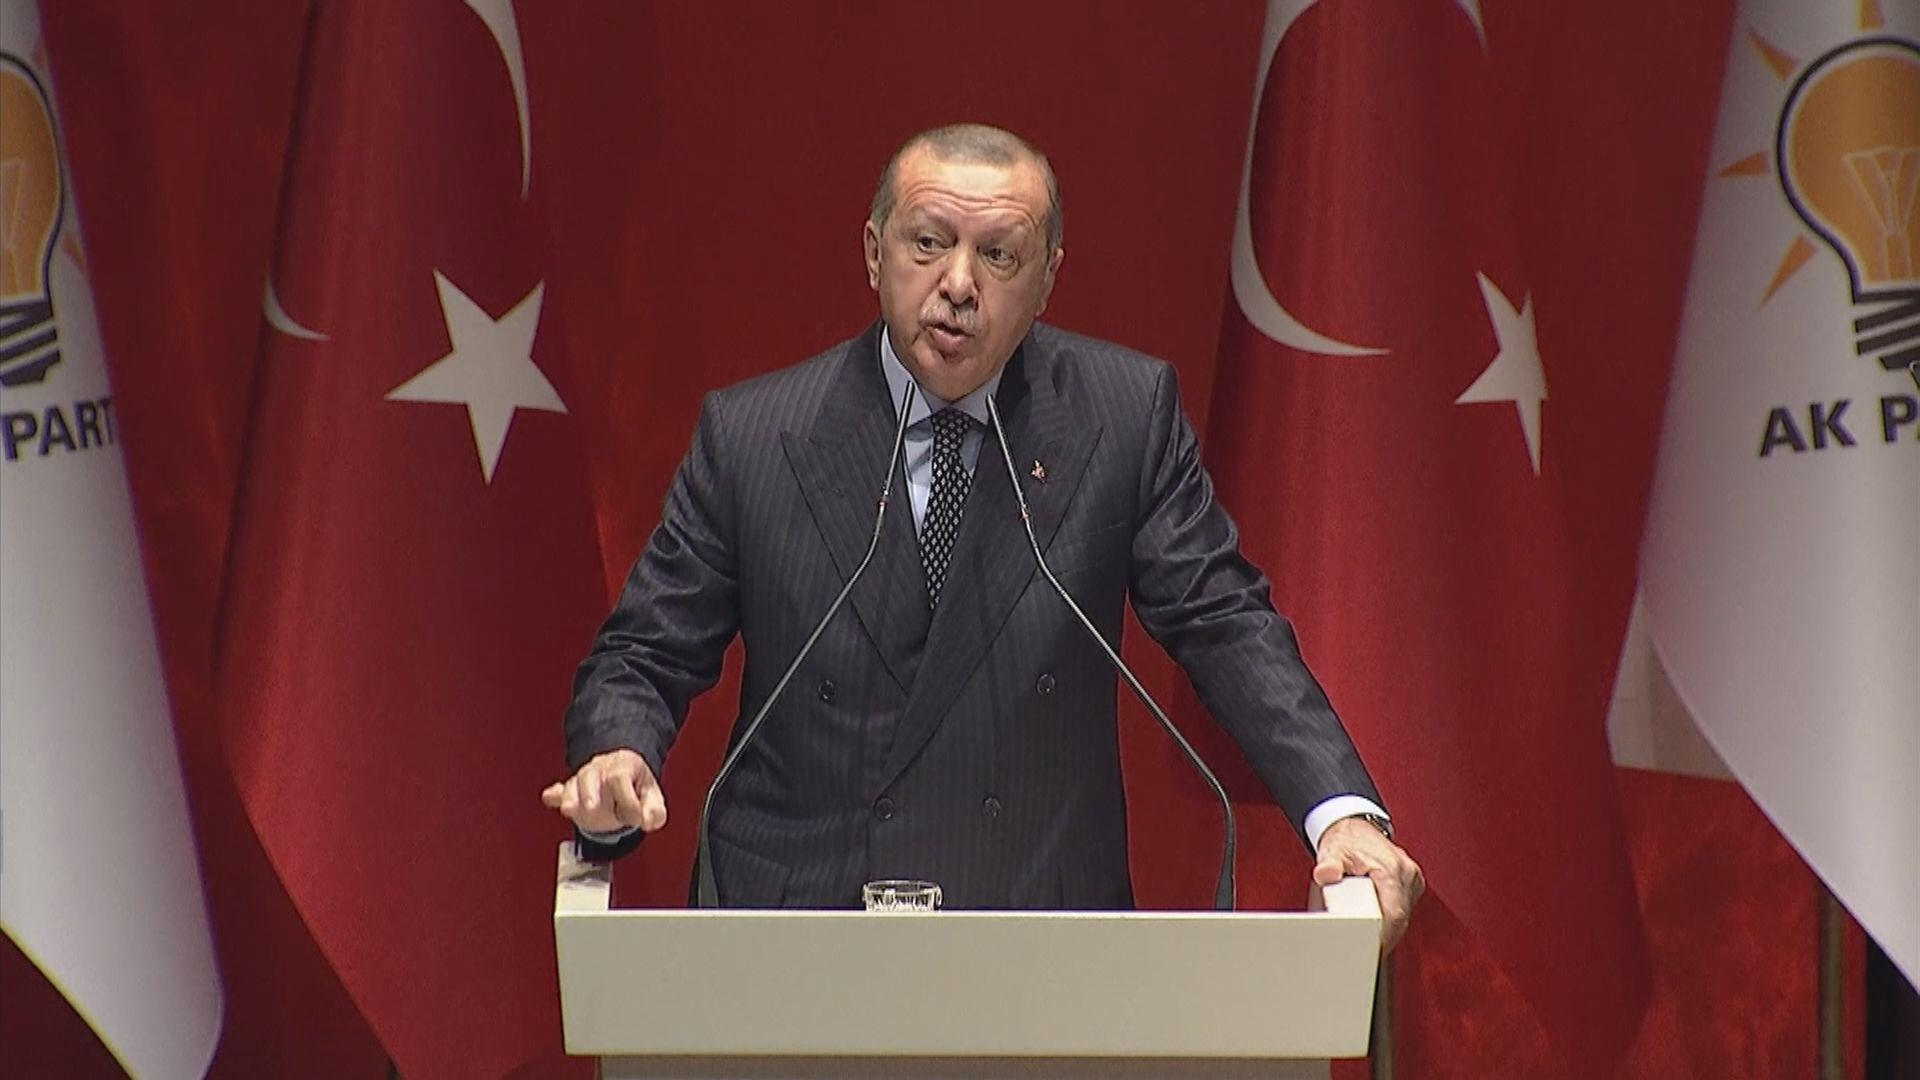 土耳其總統顧問料卡舒吉遺體已遭溶解